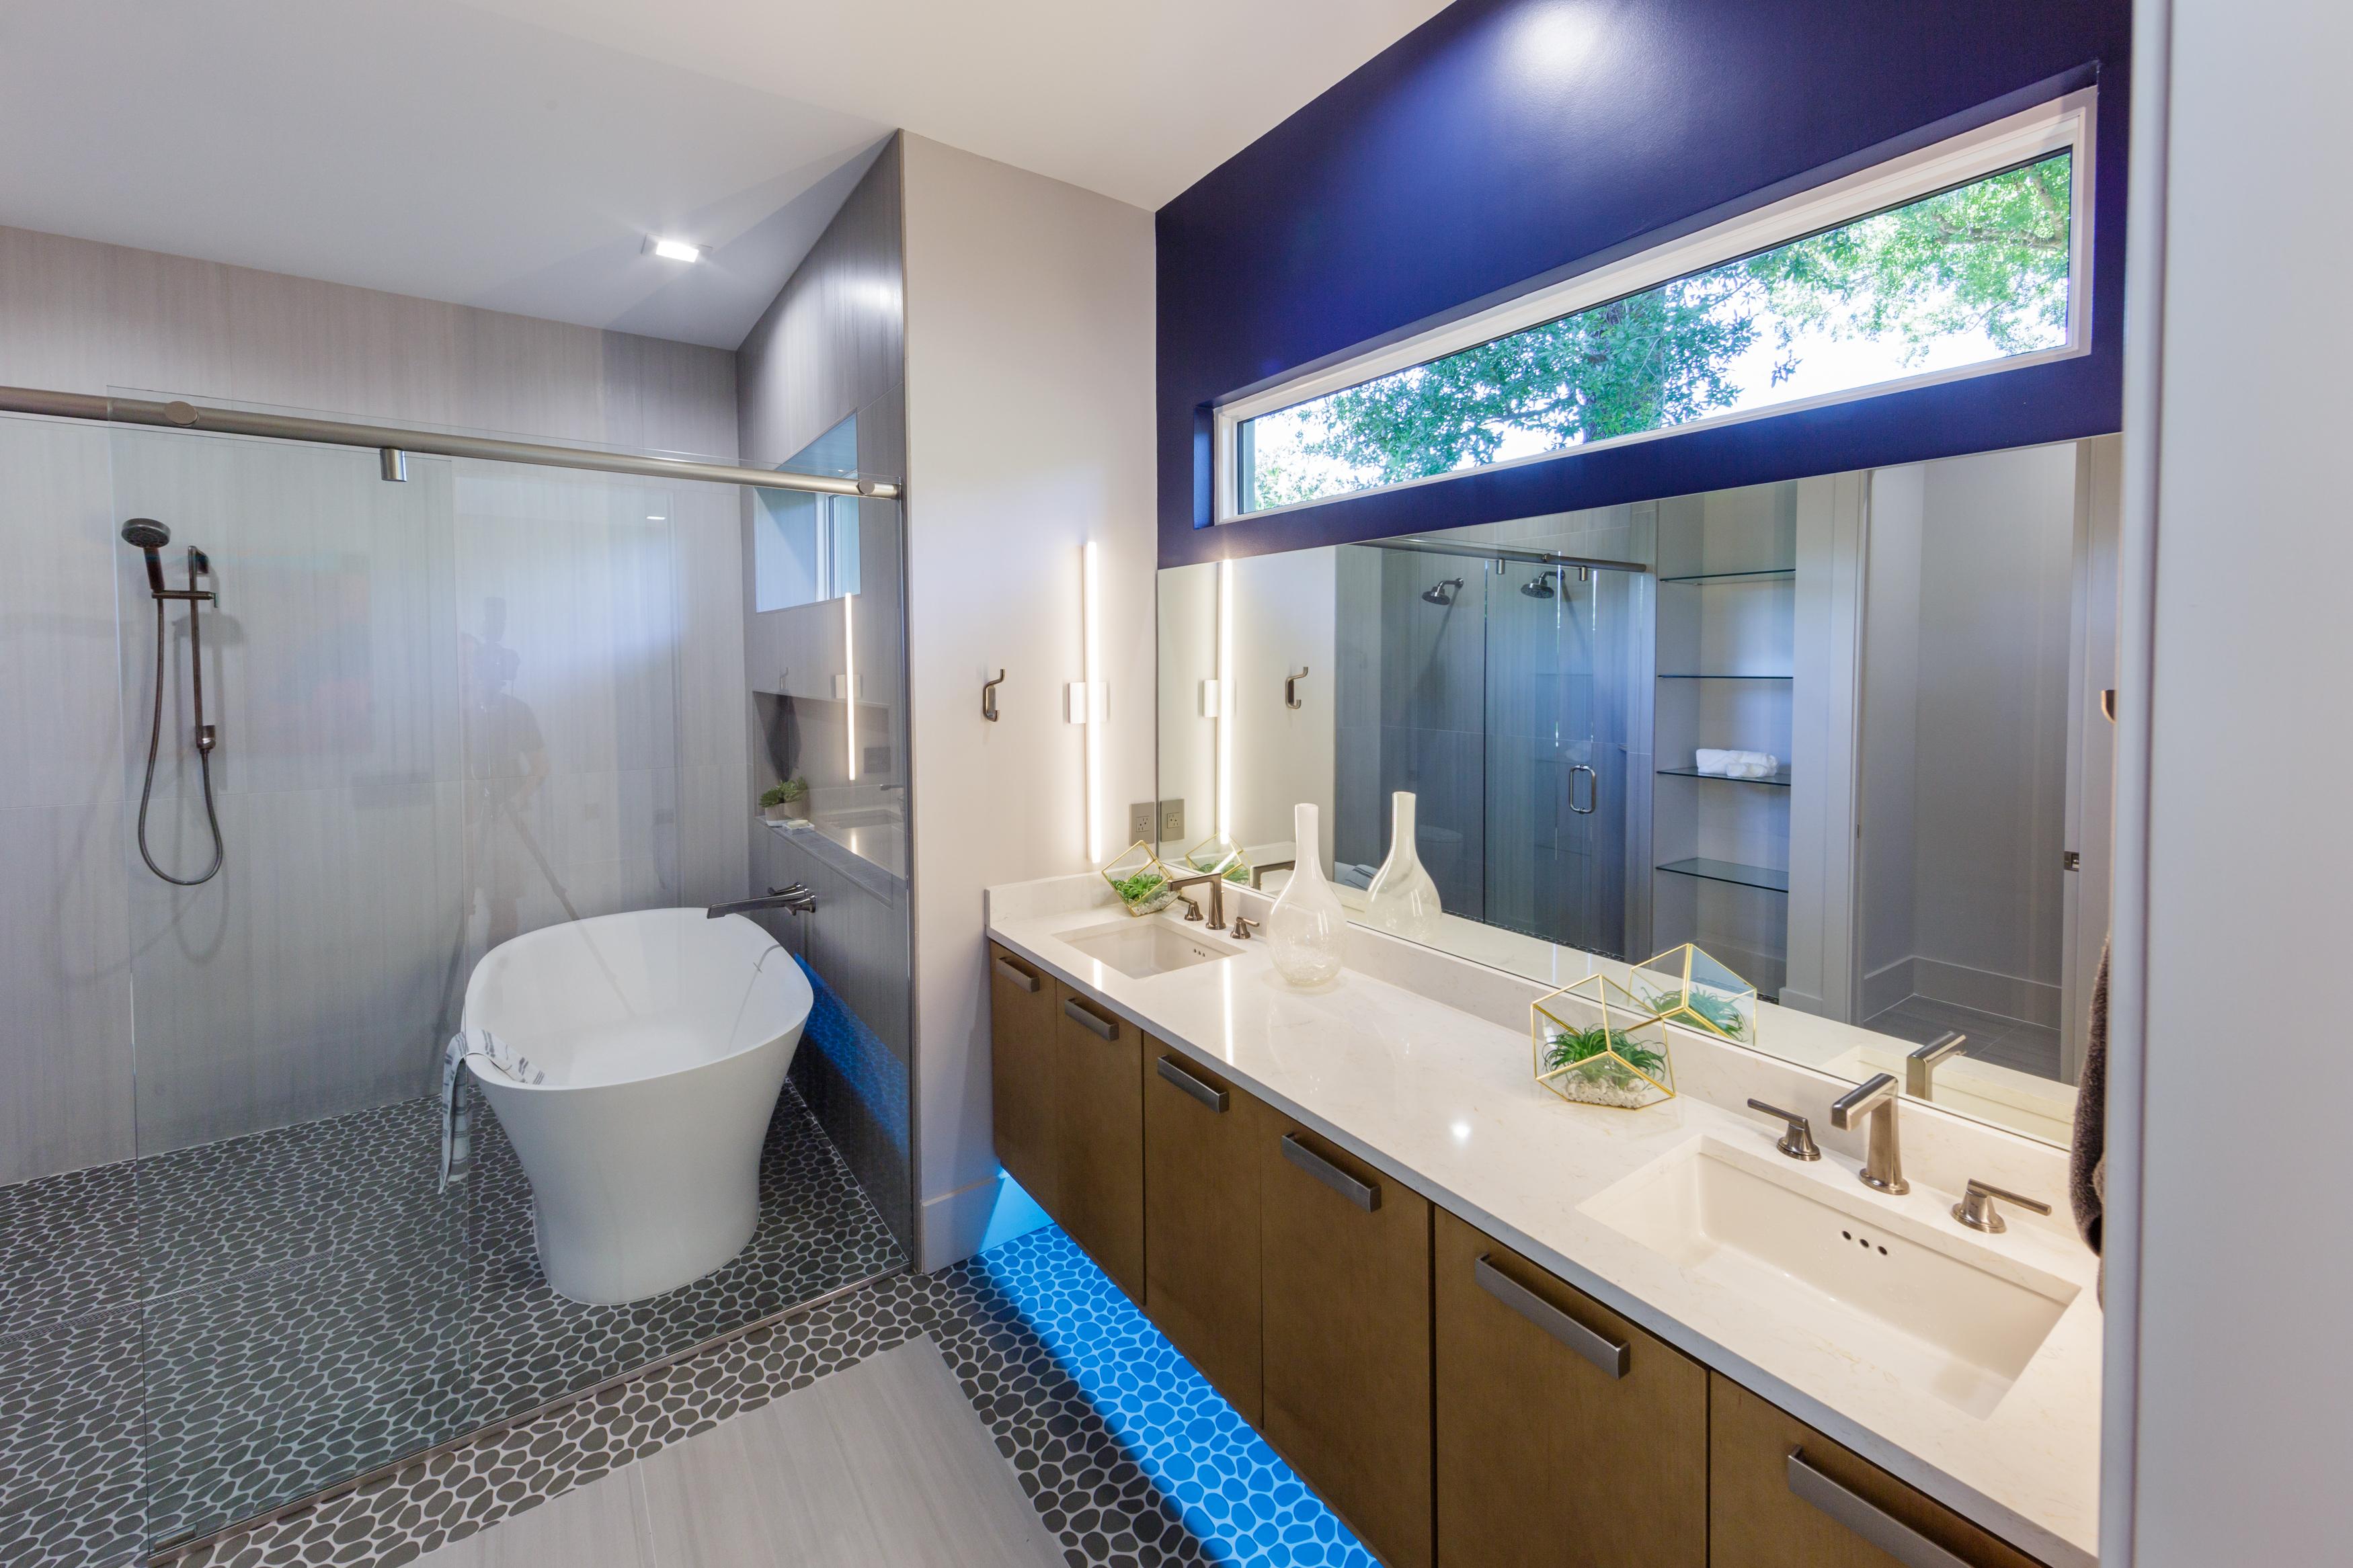 Grinnell Modern: Master Bath Tub & Vanity